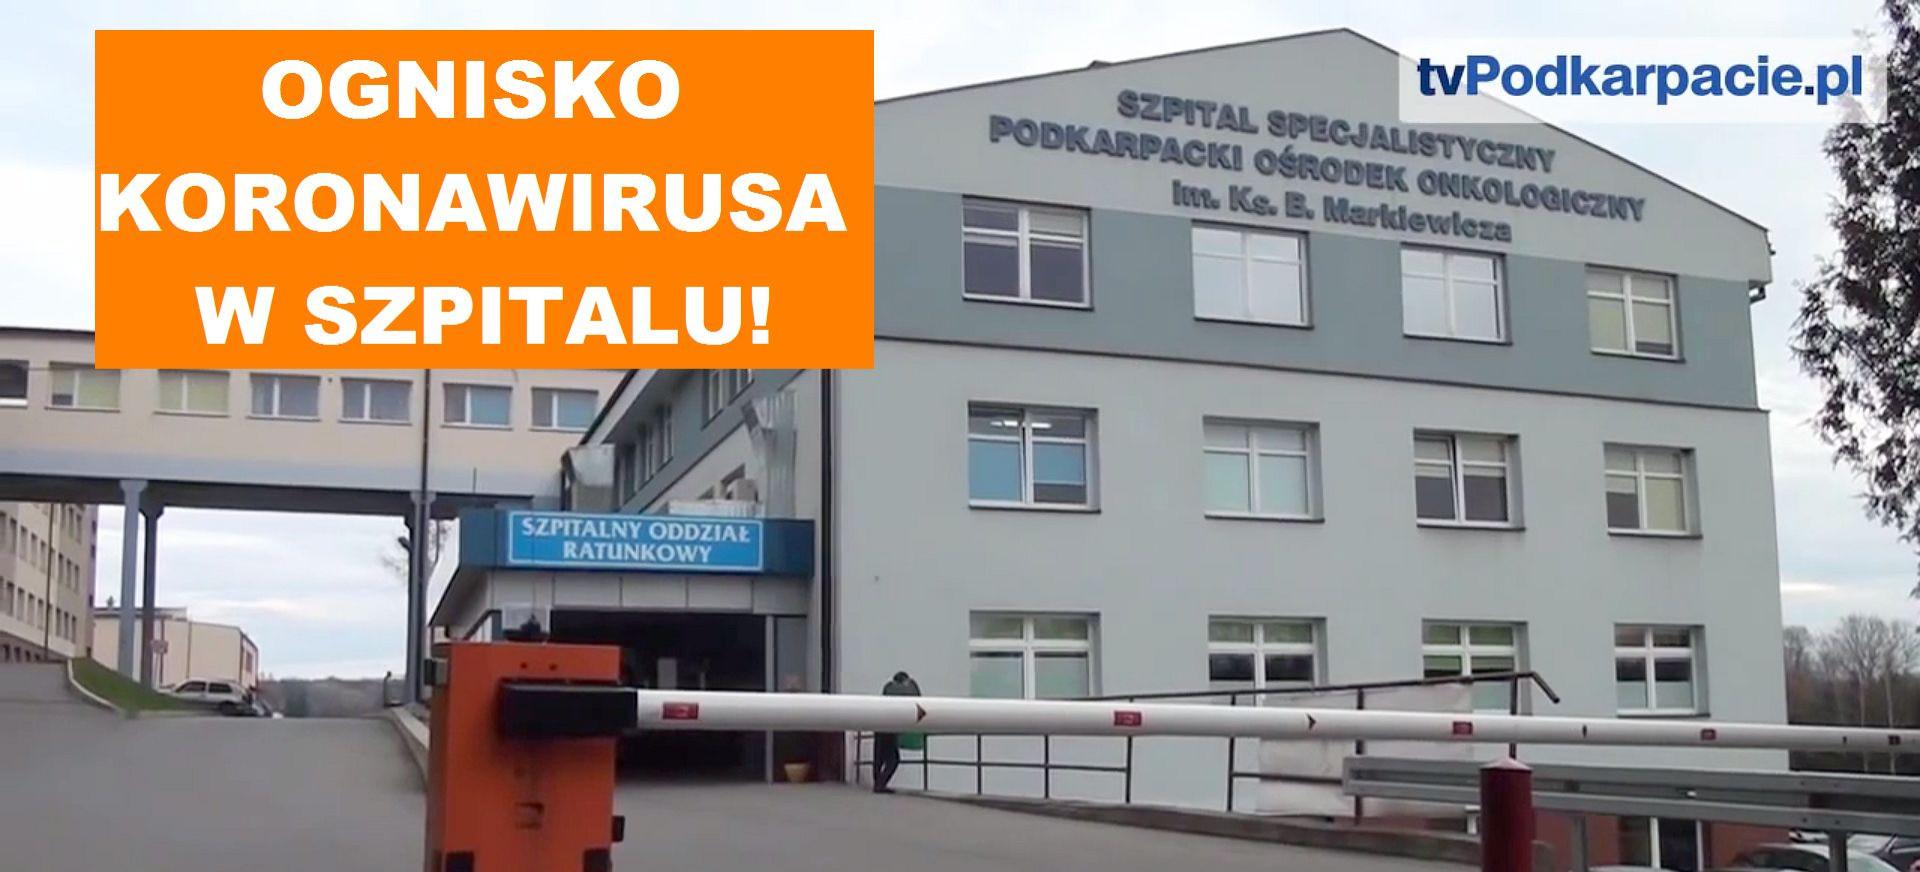 Koronawirus w brzozowskim szpitalu! Duże ognisko!